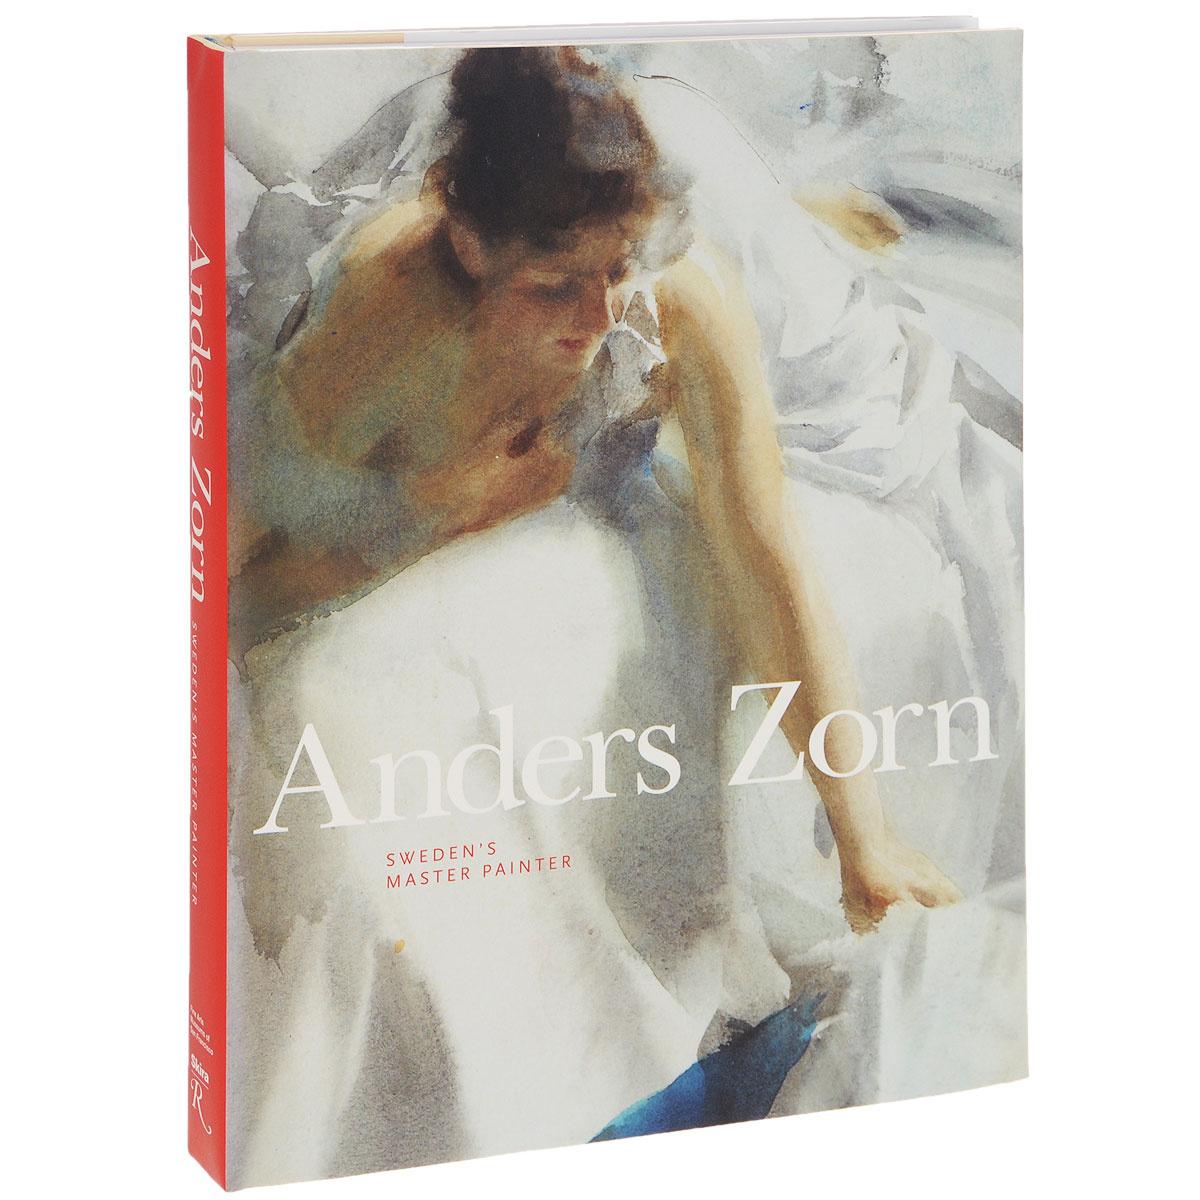 Anders Zorn. Sweden's Master Painter | Hedstroem Per, Ganz James A. #1